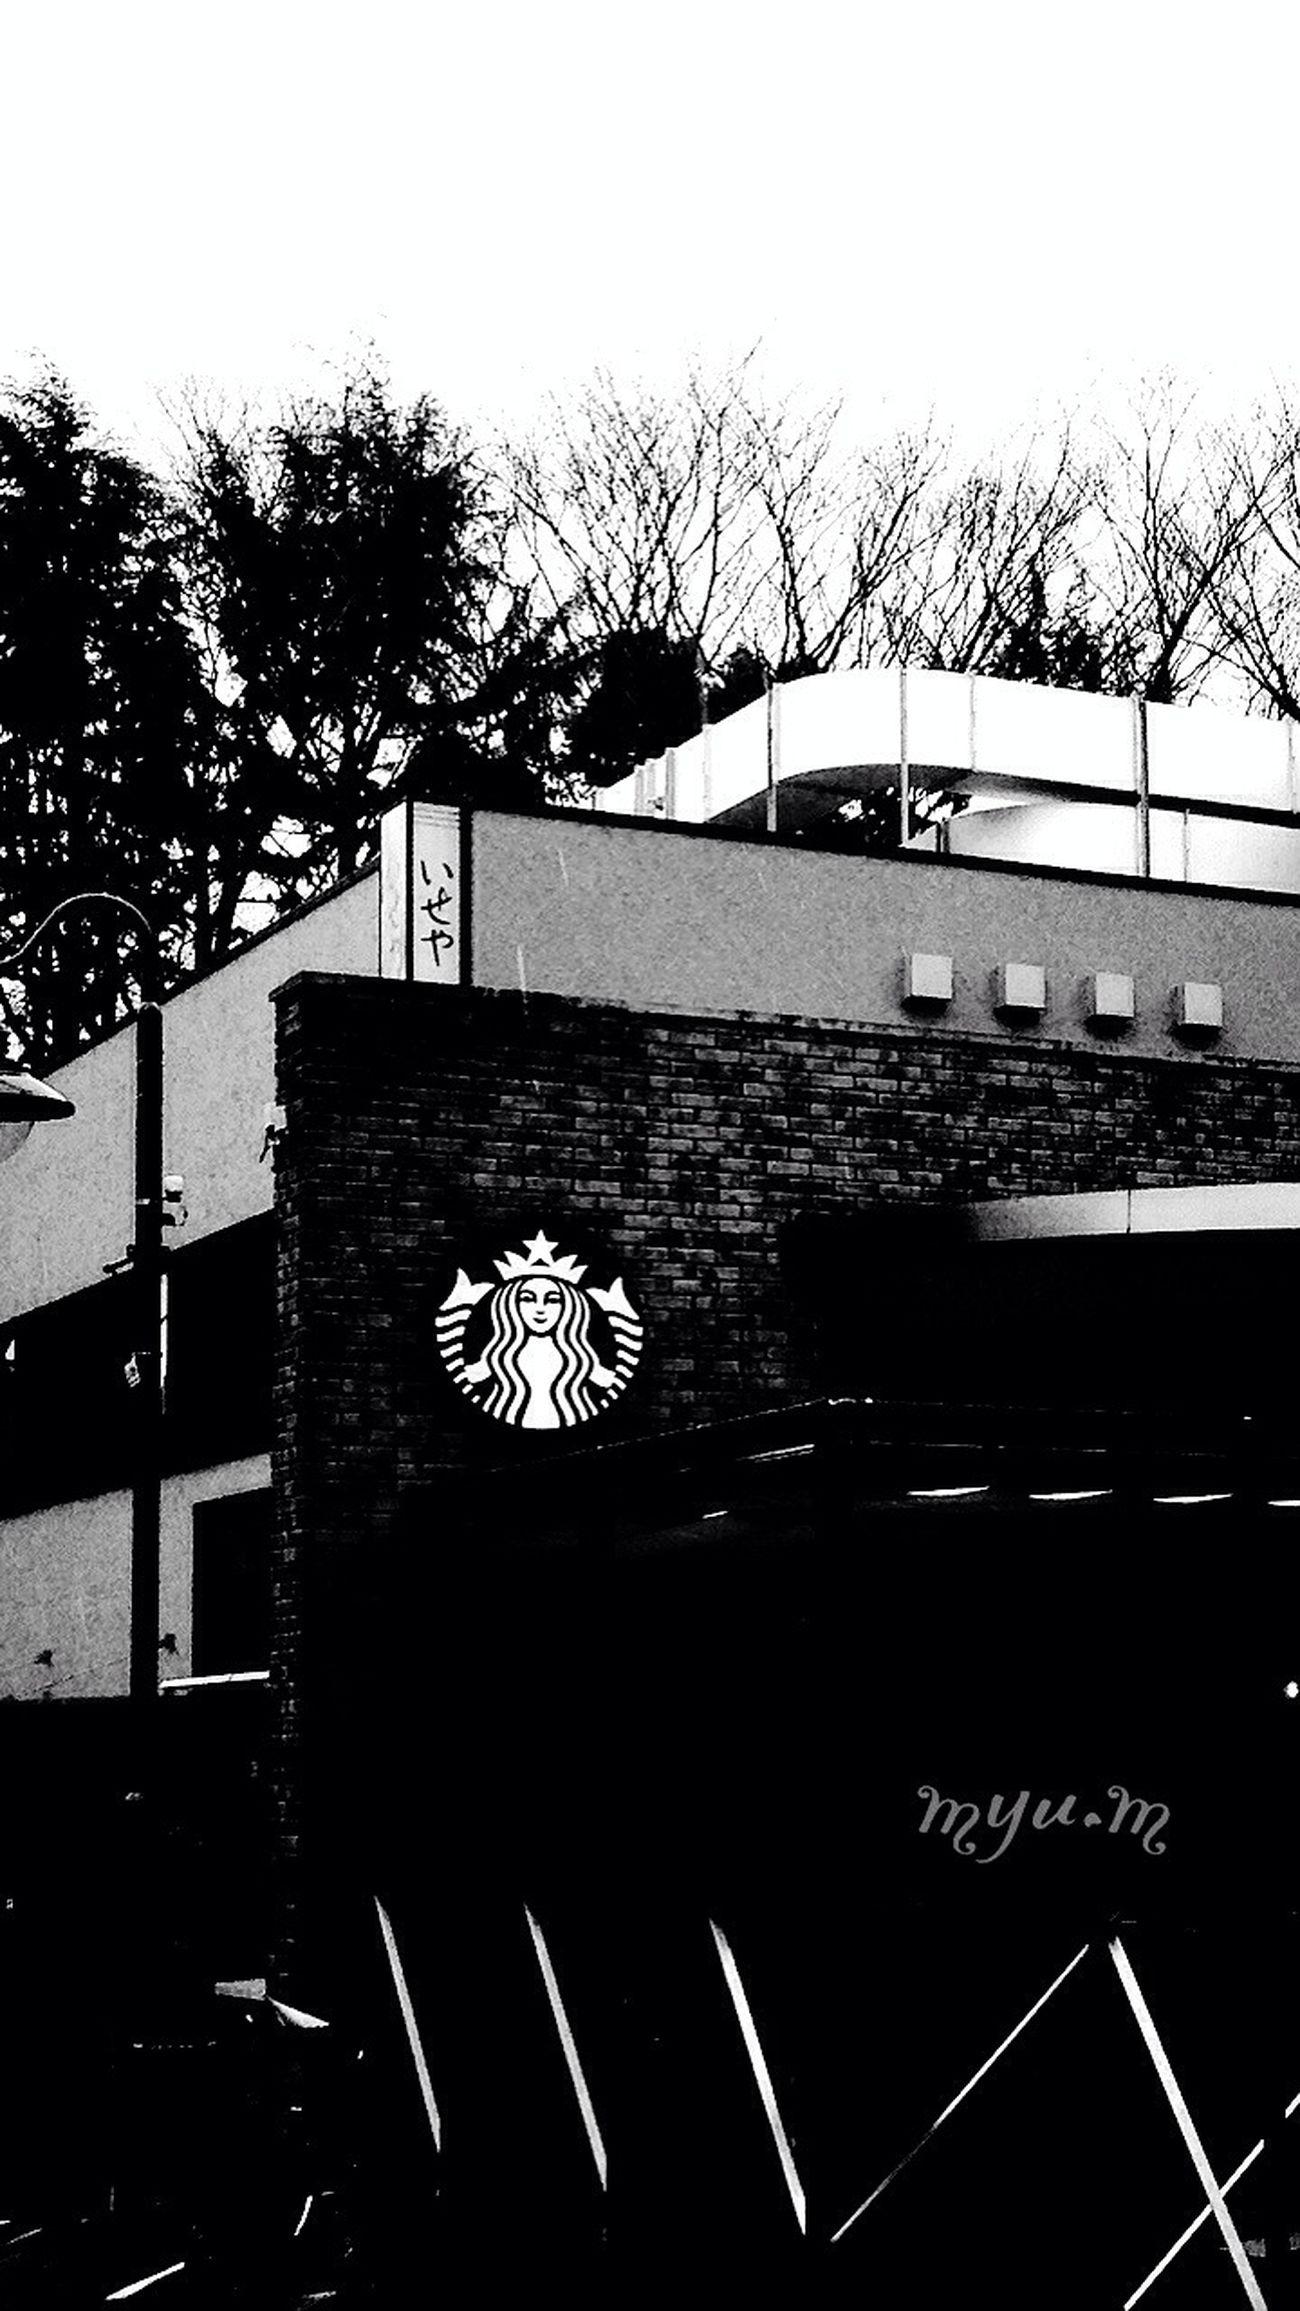 キャラメルフラペチーノ*♡が飲みたくなるから入らない。記念日とかにしよーかなっ。スタバ♡ Monochrome EyeEm Best Shots - Black + White On The Road お散歩 ひとり 道 ガマン スタバ